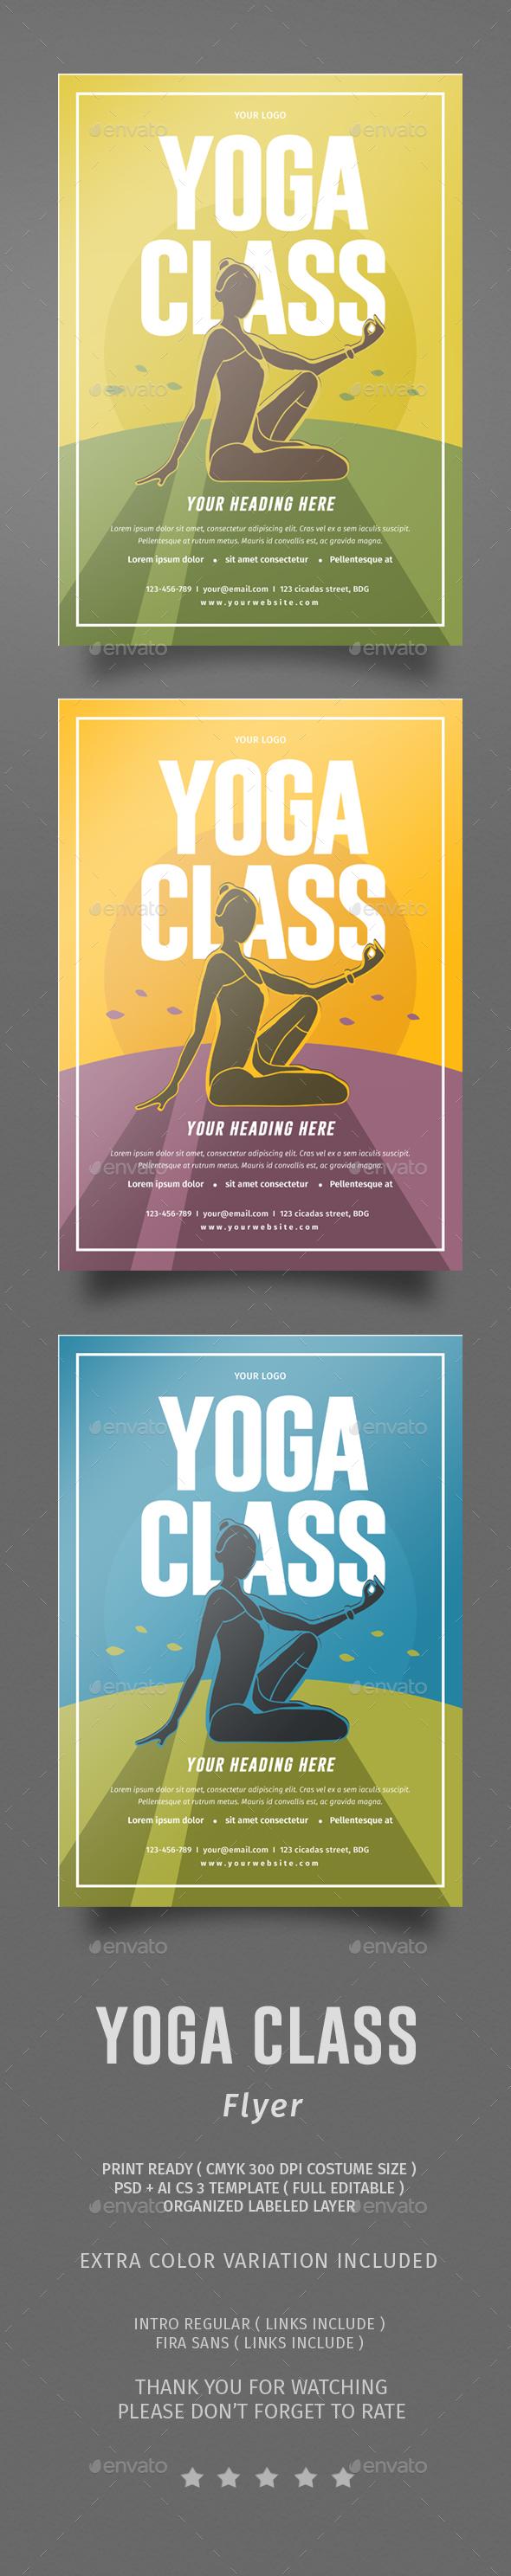 Yoga Class Flyer - Flyers Print Templates